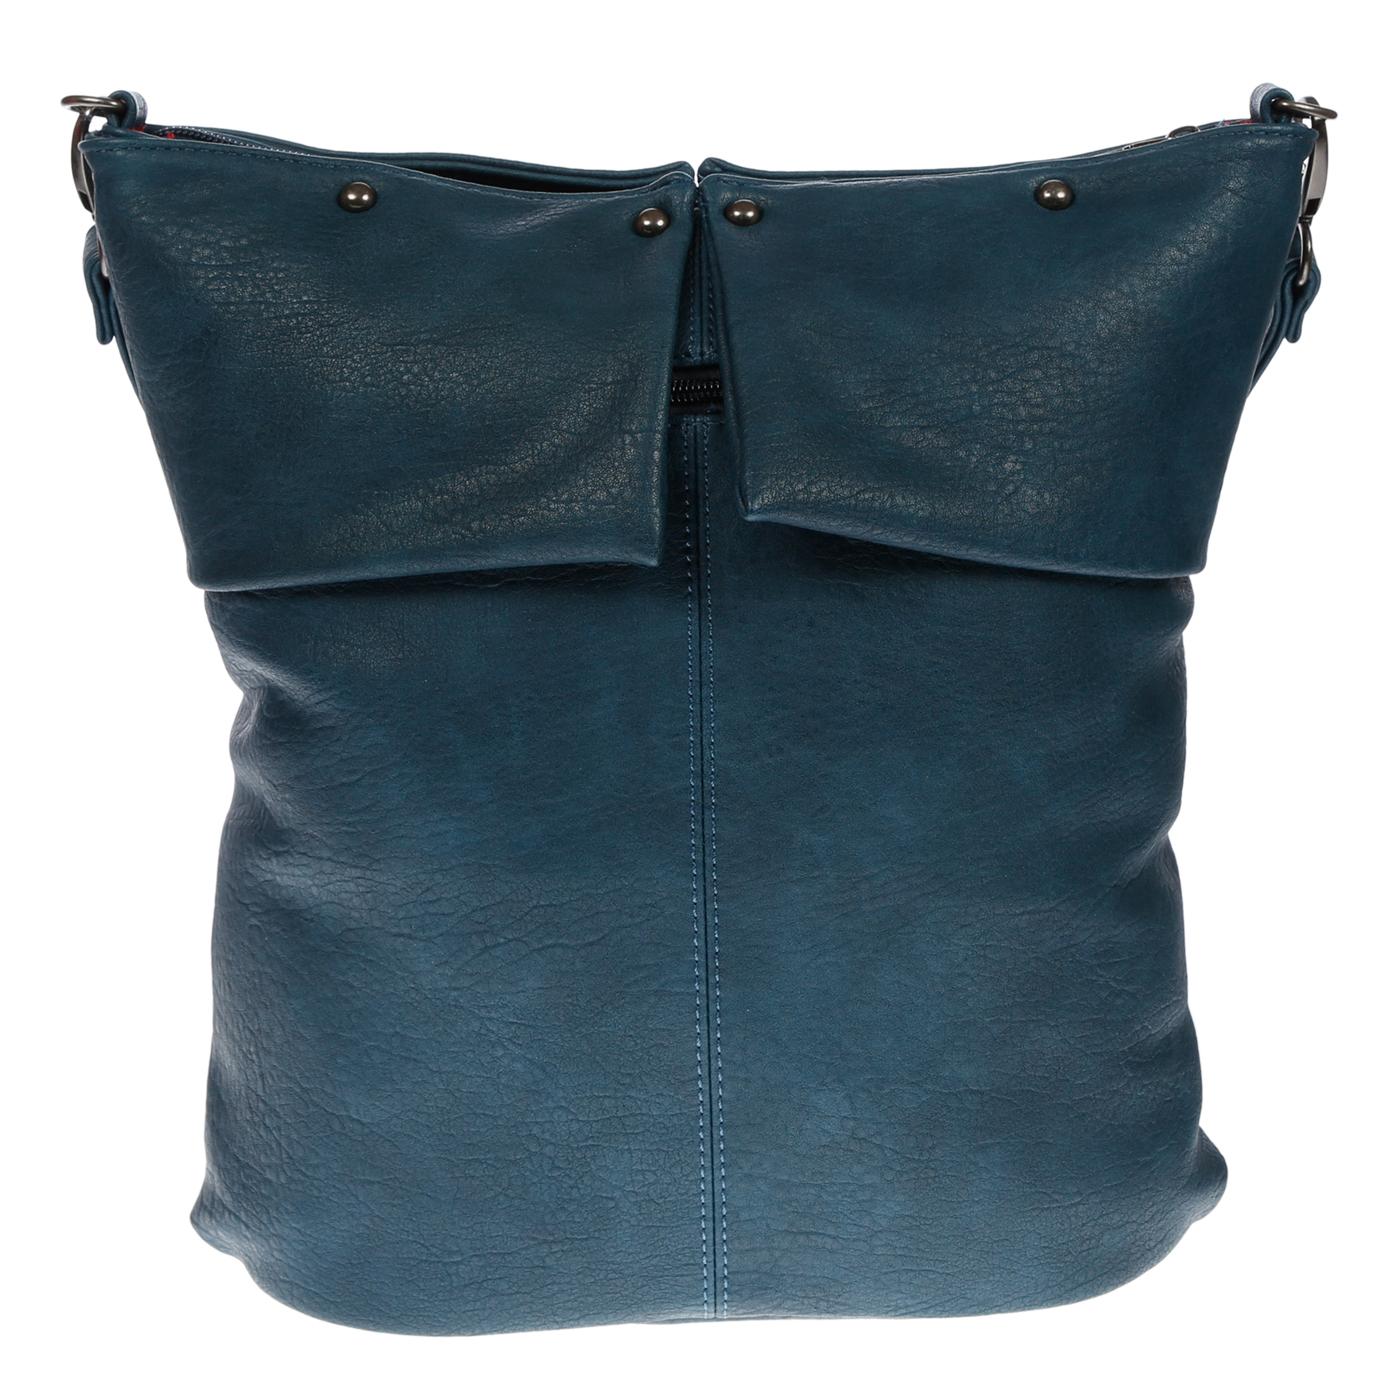 Damentasche-Umhaengetasche-Handtasche-Schultertasche-Leder-Optik-Tasche-Schwarz Indexbild 15